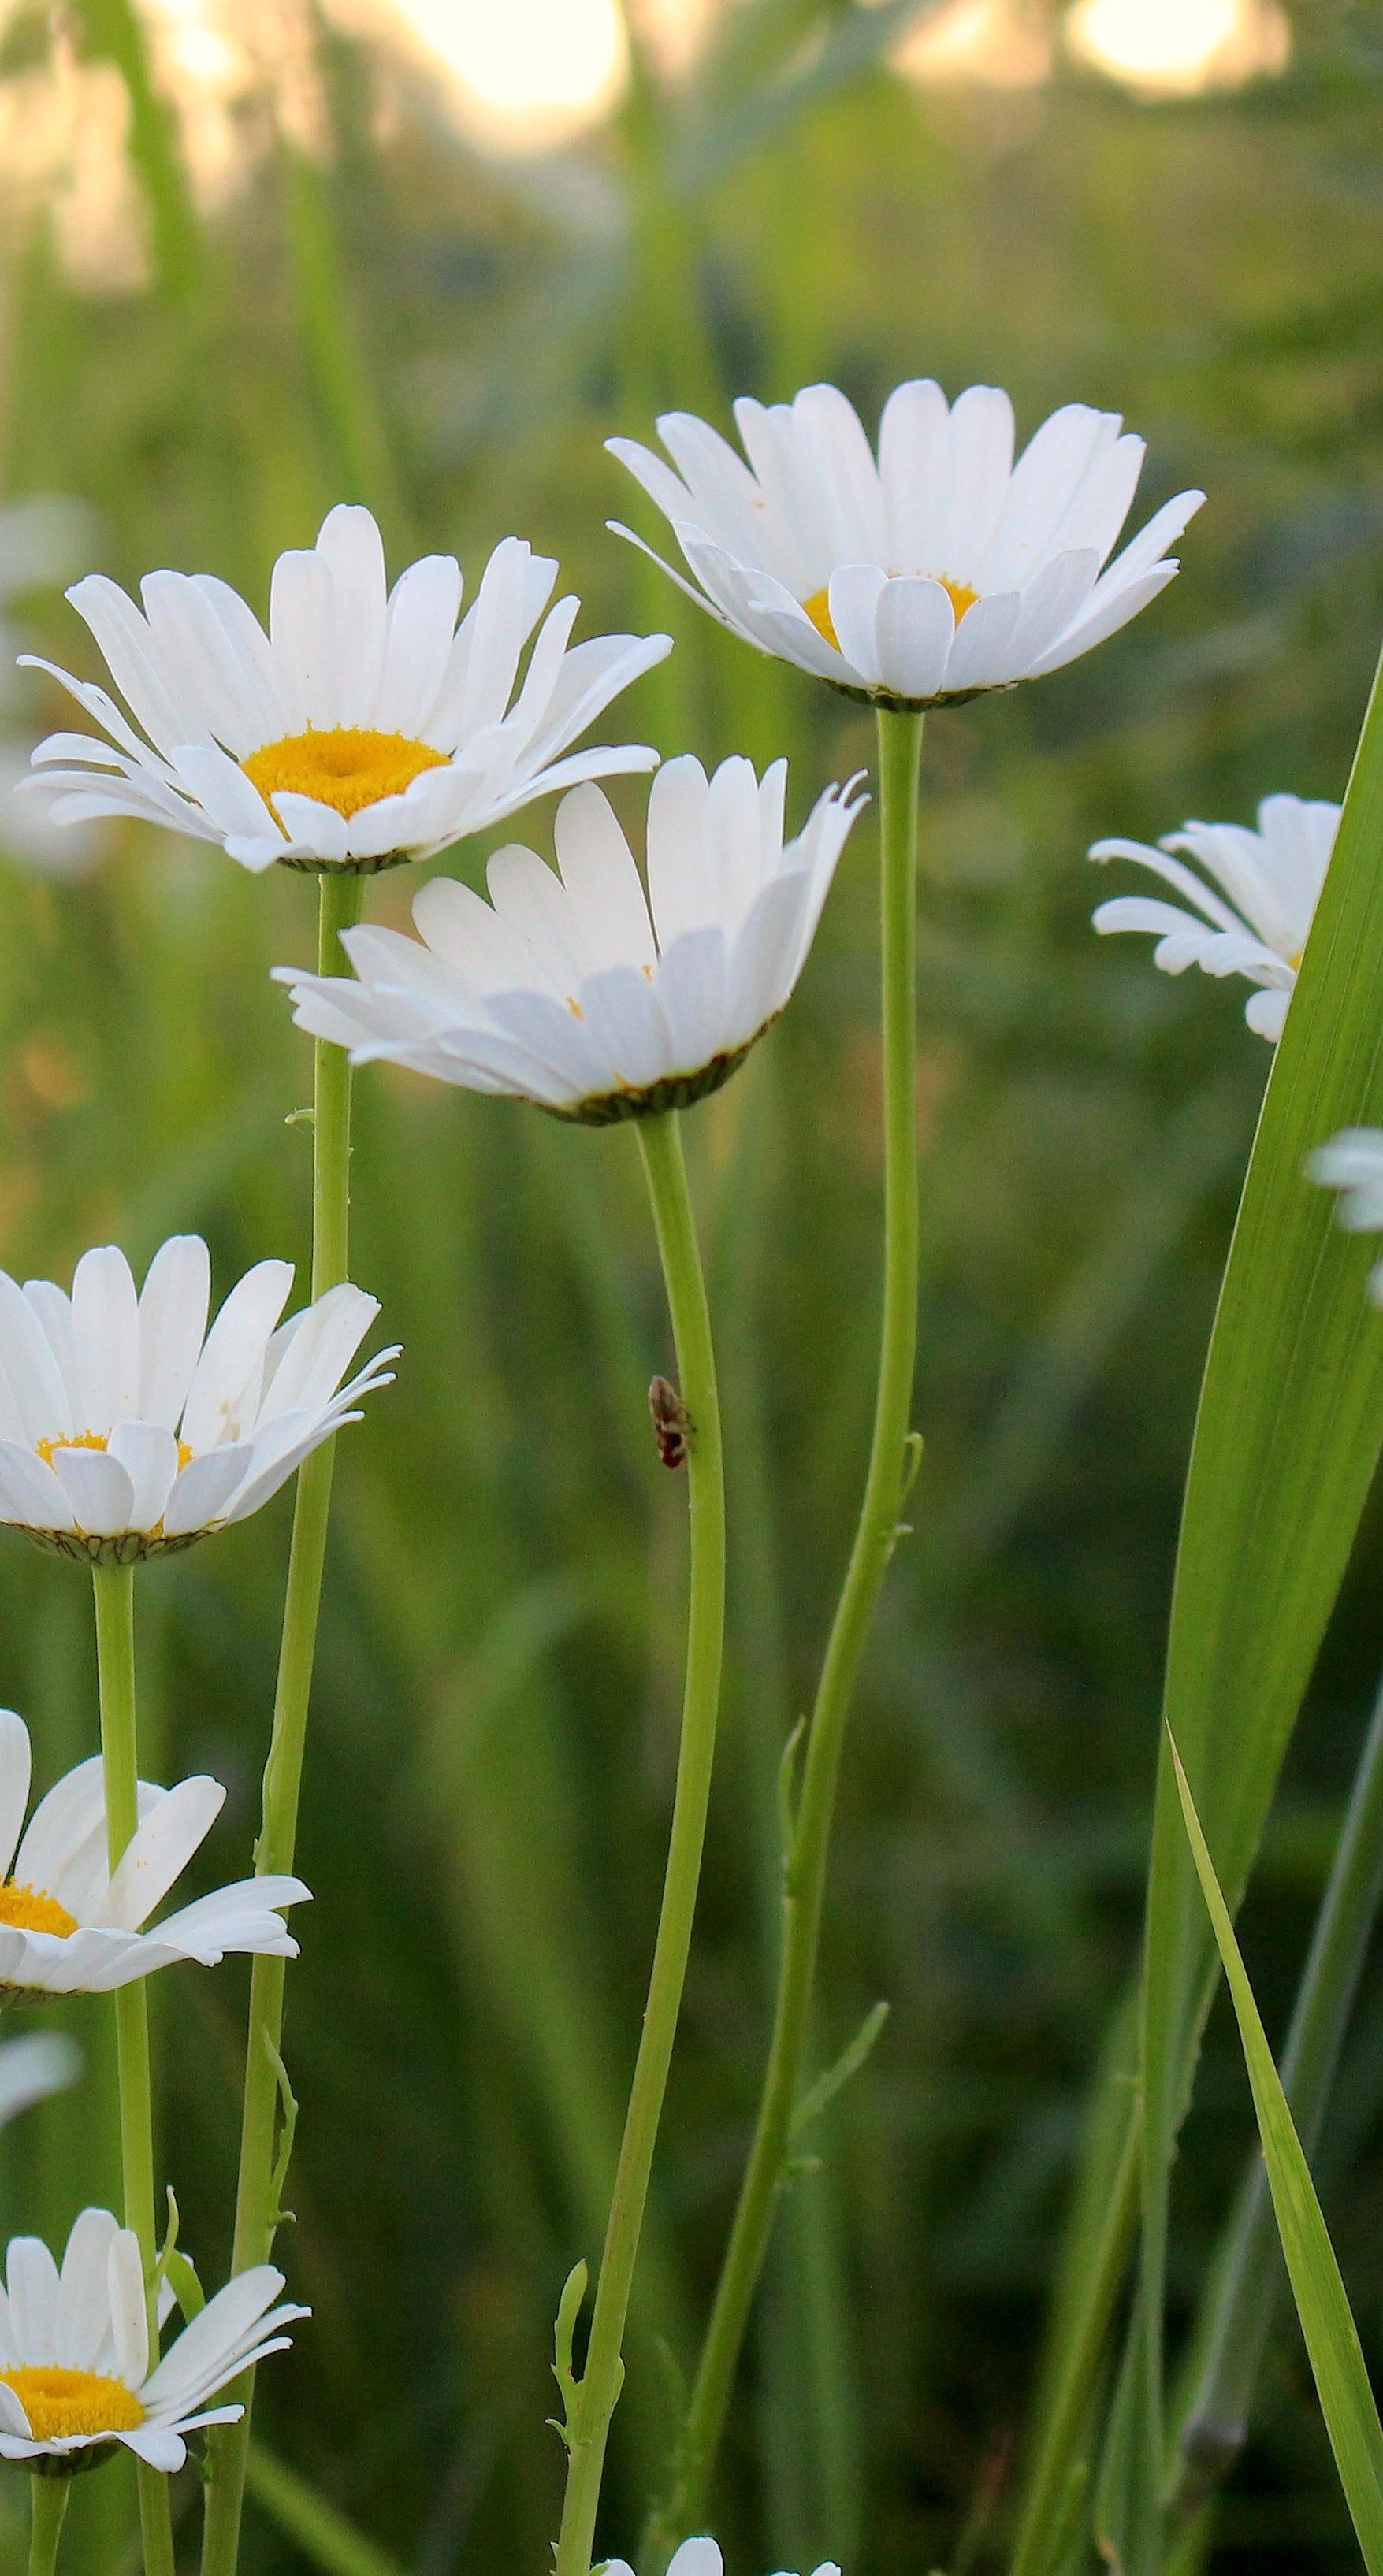 daisy6152